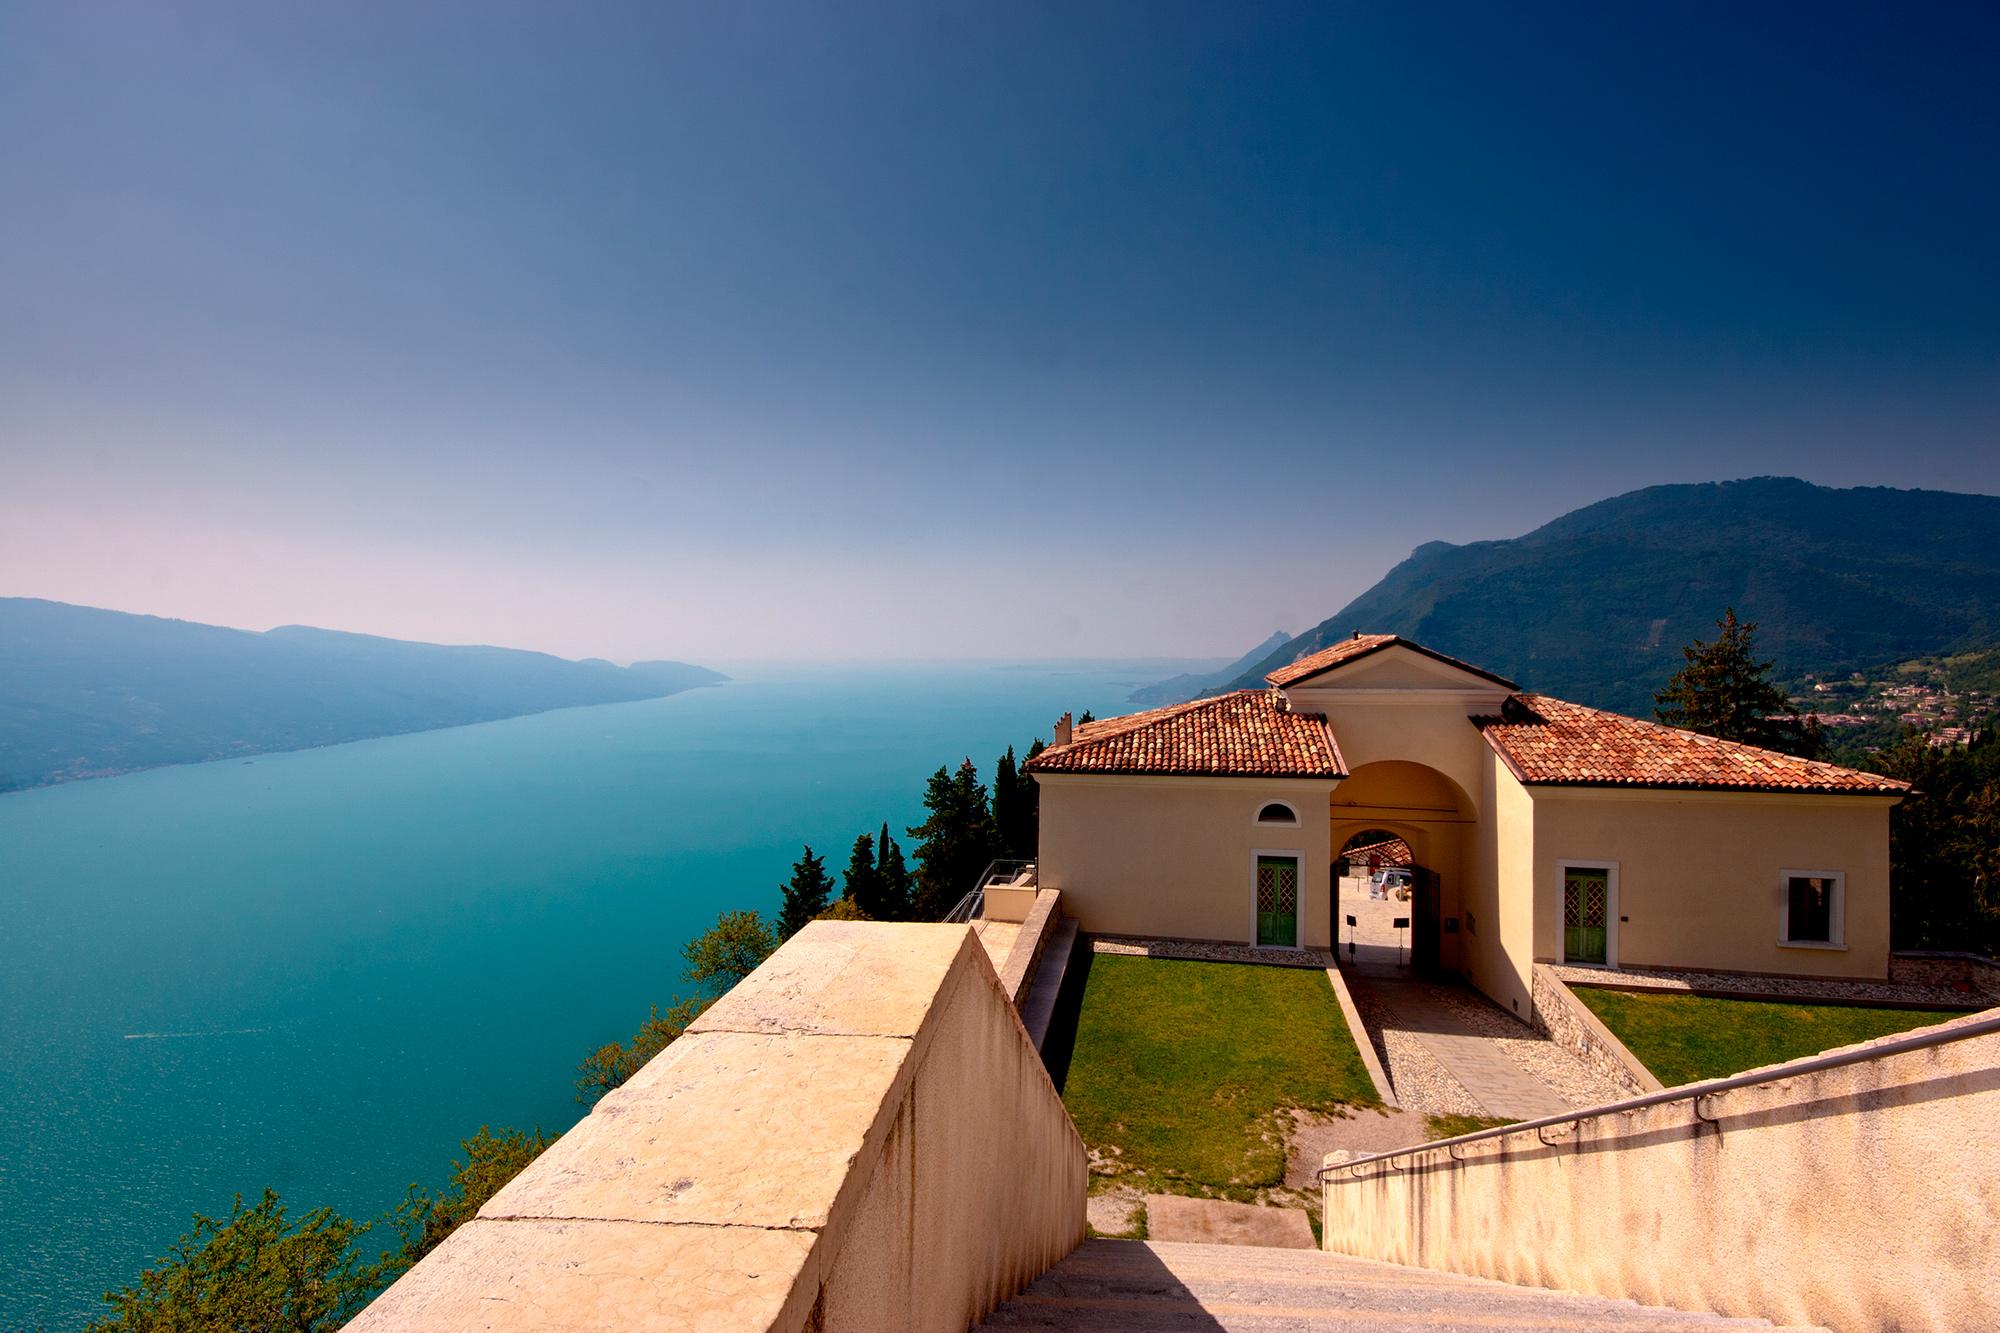 Urlaub Gardasee Am Gardasee Italien Genießen Tuiat